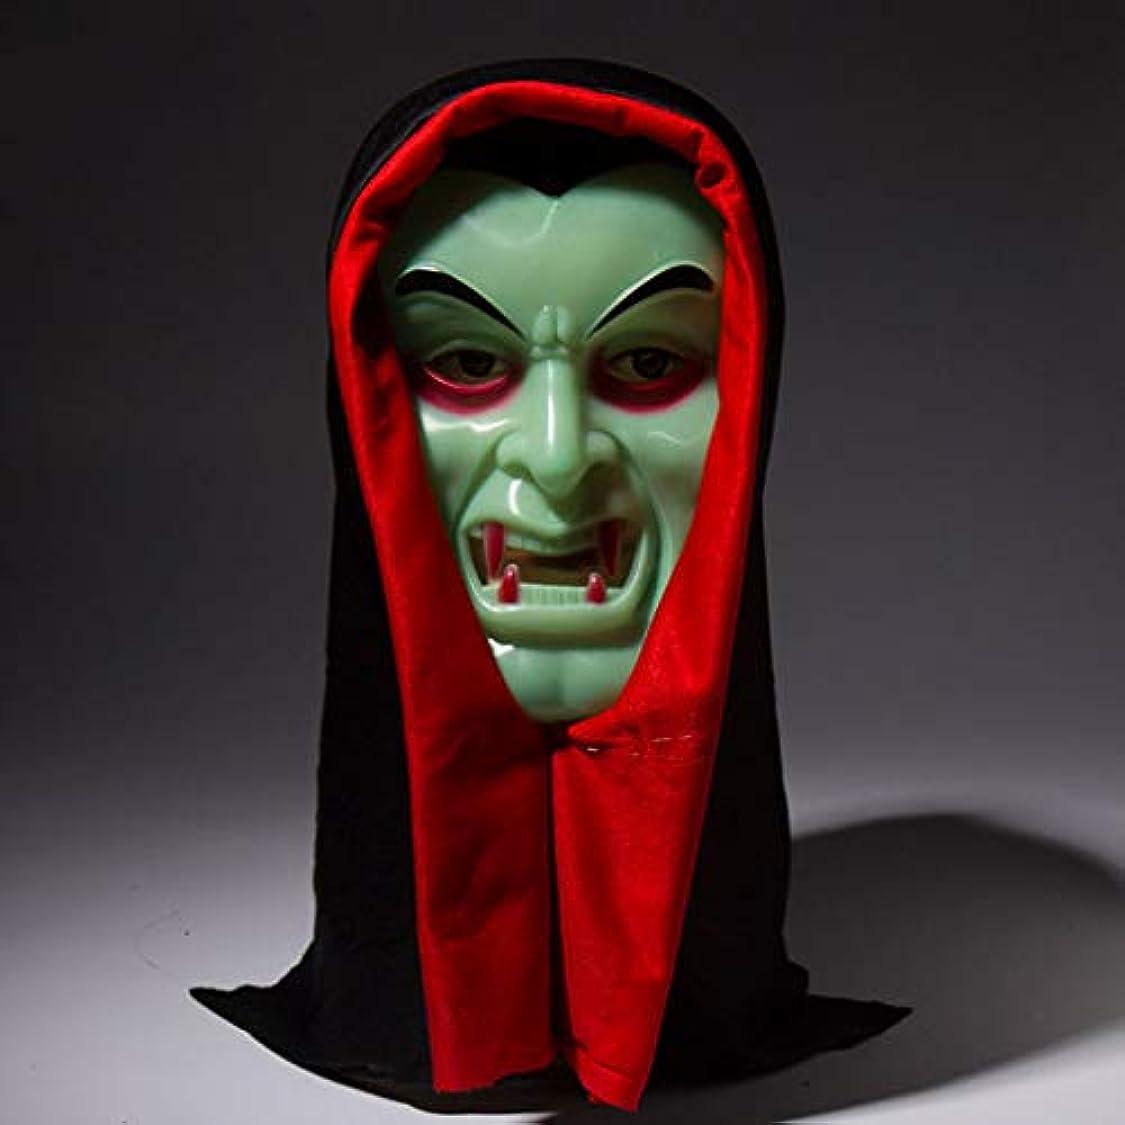 時系列便宜関係するハロウィーン悲鳴悪魔ホラーマスクしかめっ面怖いゾンビヘッドギア大人ゴーストフェスティバルボールマスク